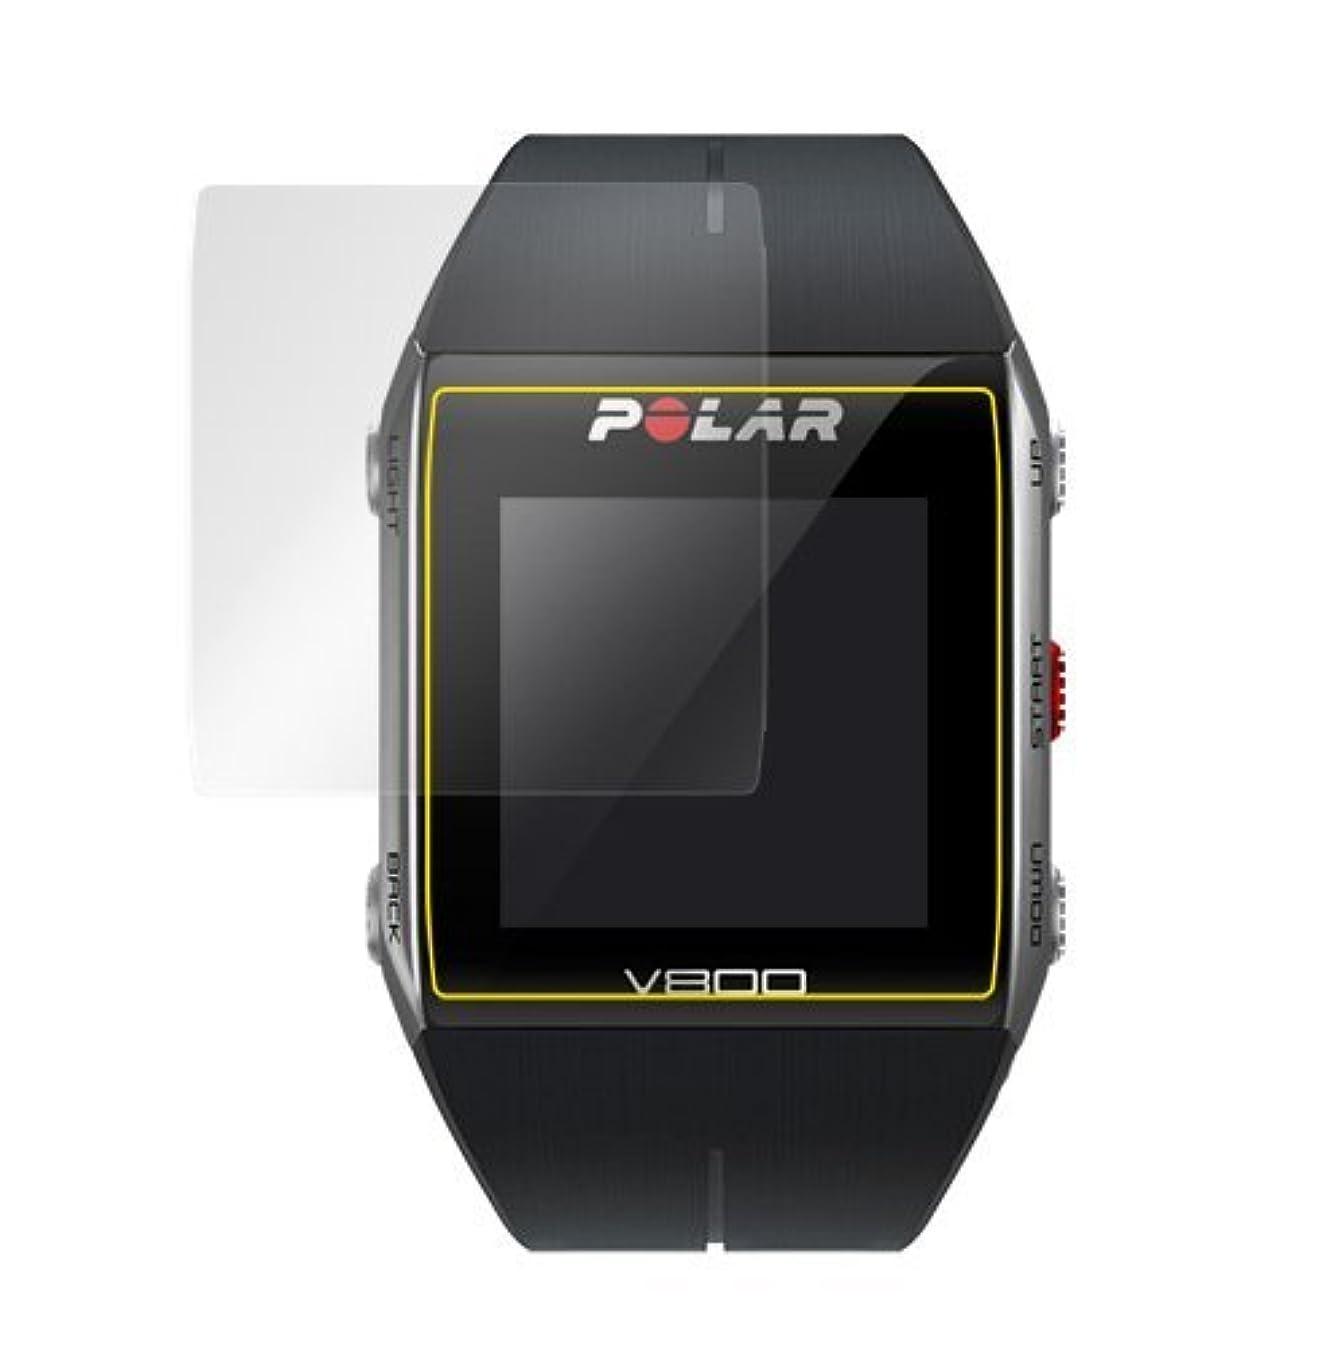 除外する複製するトランクライブラリ指紋が目立たない 光沢液晶保護フィルム Polar V800 用(2枚組) OverLay BrilliantOBPOLARV800/2/12